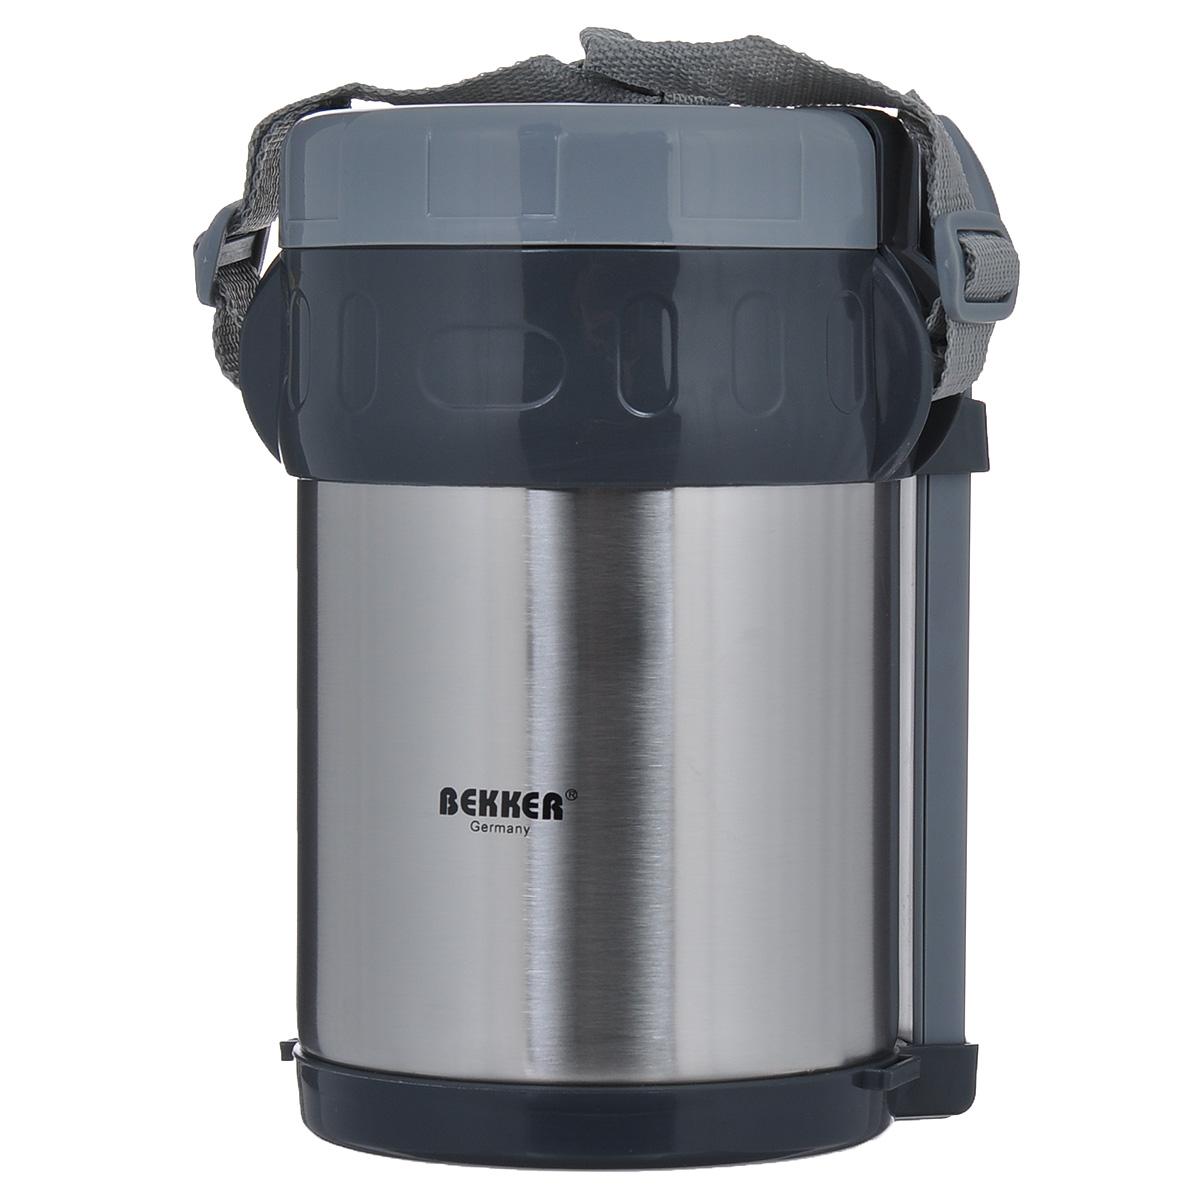 Термос Bekker Koch, с контейнерами, 1,5 л. BK-4085BK-4085Пищевой термос с широким горлом Bekker Koch, изготовленный из высококачественной нержавеющей стали 18/8, является простым в использовании, экономичным и многофункциональным. Изделие с двойными стенками оснащено тремя контейнерами, ложкой и вилкой в оригинальном чехле и специальным ремнем для удобной переноски термоса. Термос с широким горлом предназначен для хранения горячей и холодной пищи, замороженных продуктов, мороженного, фруктов и льда и укомплектован вакуумной крышкой без кнопки. Такая крышка надежна, проста в использовании и позволяет дольше сохранять тепло благодаря дополнительной теплоизоляции.Легкий и прочный термос Bekker Koch сохранит ваши напитки и продукты горячими или холодными надолго. Высота (с учетом крышки): 22 см.Диаметр горлышка: 13 см.Диаметр контейнеров: 11 см, 11 см, 12 см.Высота контейнеров: 4 см, 5 см, 8 см. Объем контейнеров: 720 мл, 400 мл, 350 мл.Длина вилки/ложки: 15 см.